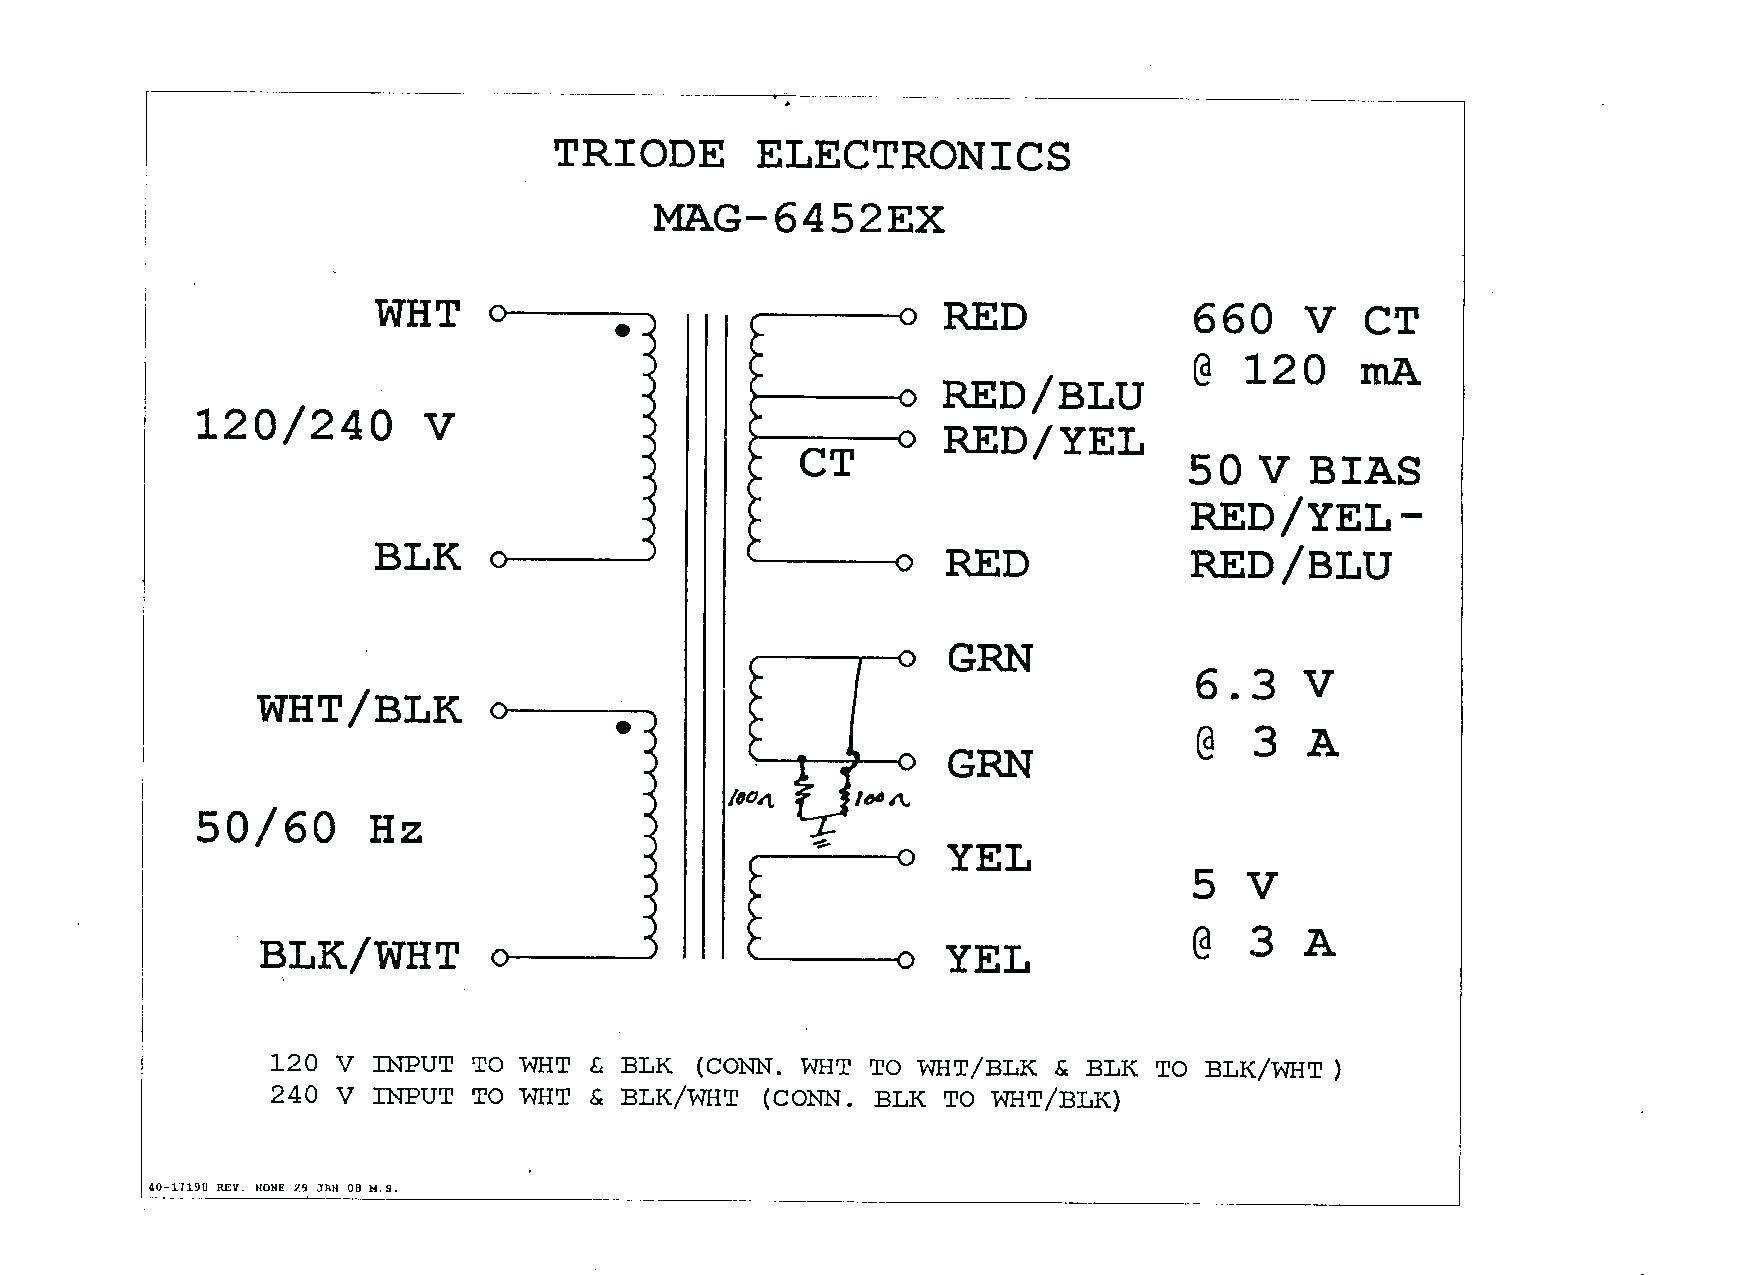 Elegant Transformer Wiring Diagram 480 To 240 In 2020 Transformer Wiring Single Phase Transformer Auto Transformer